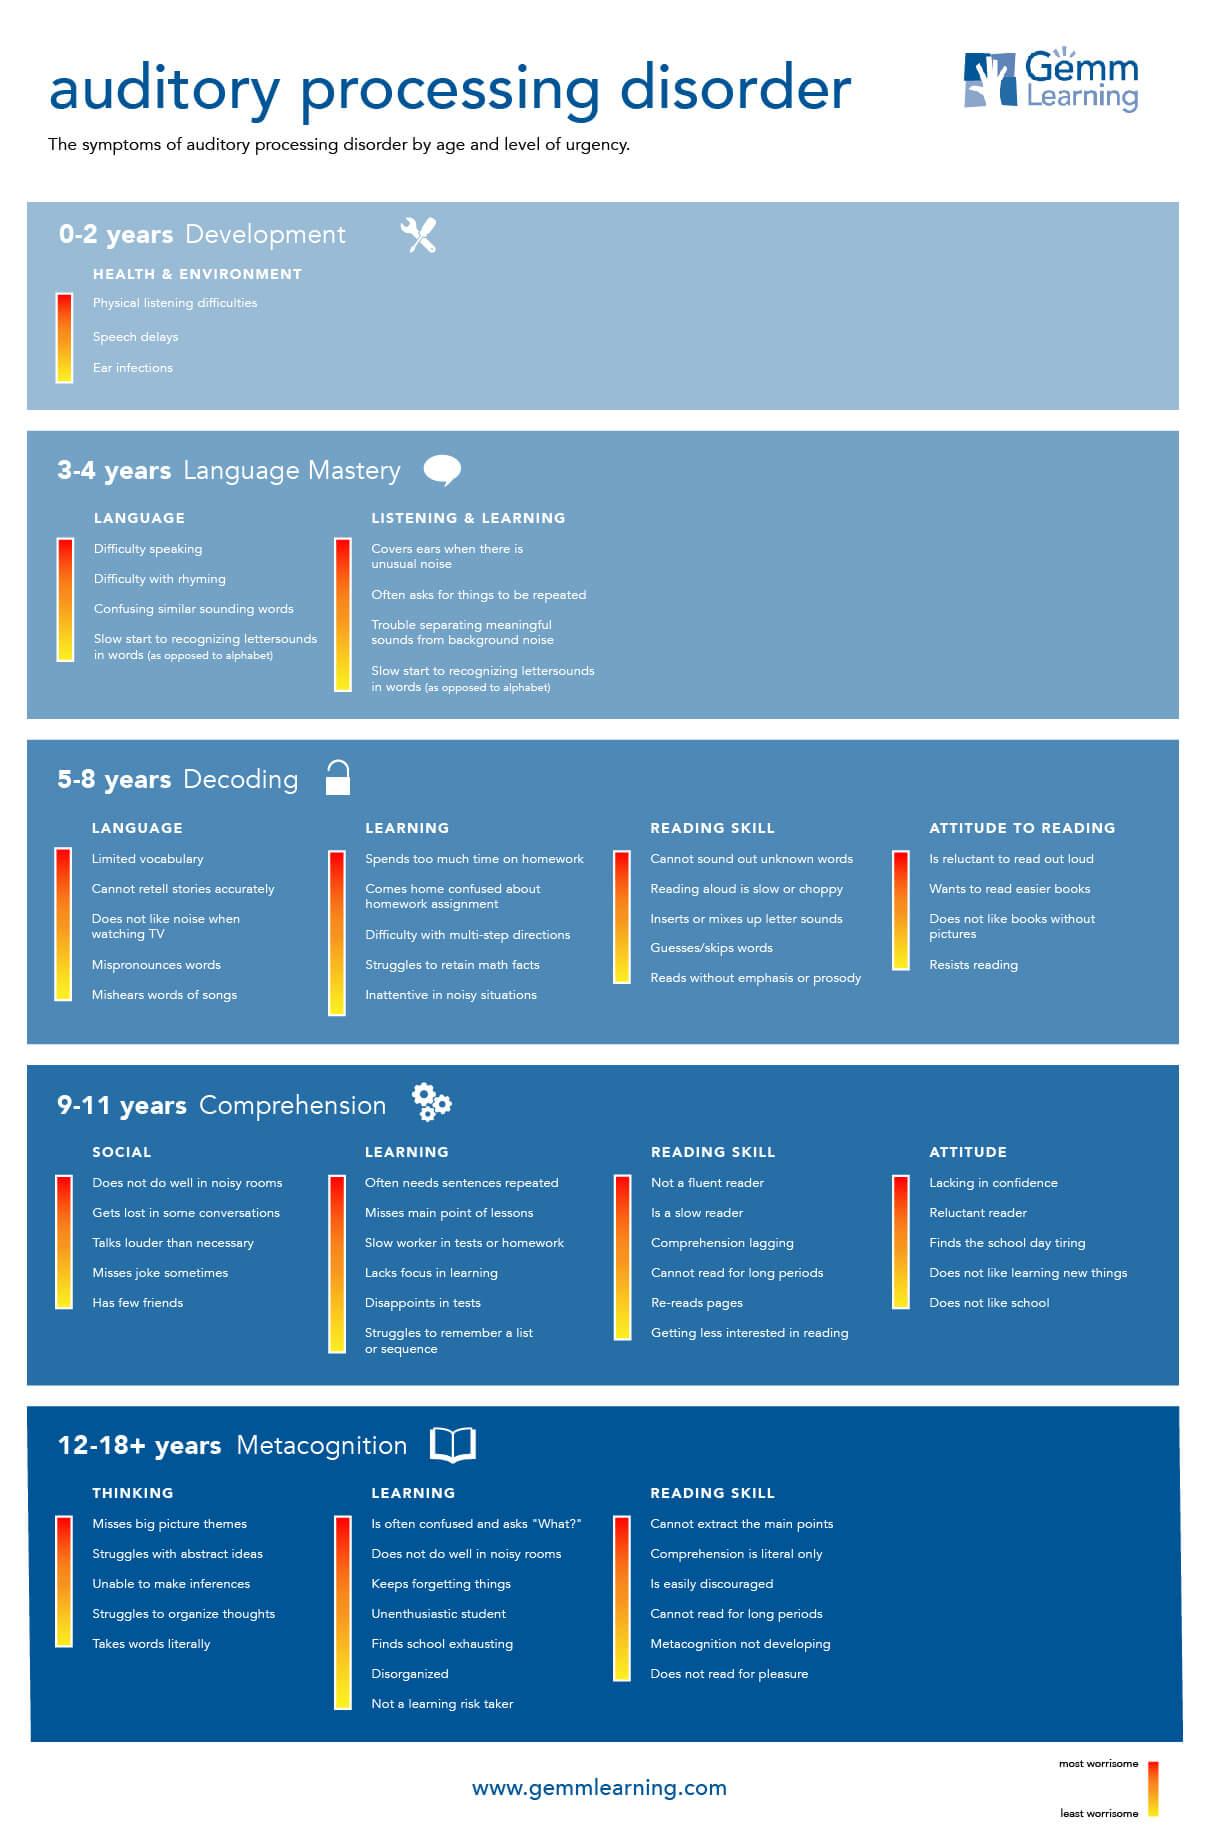 Symptoms of APD by Age